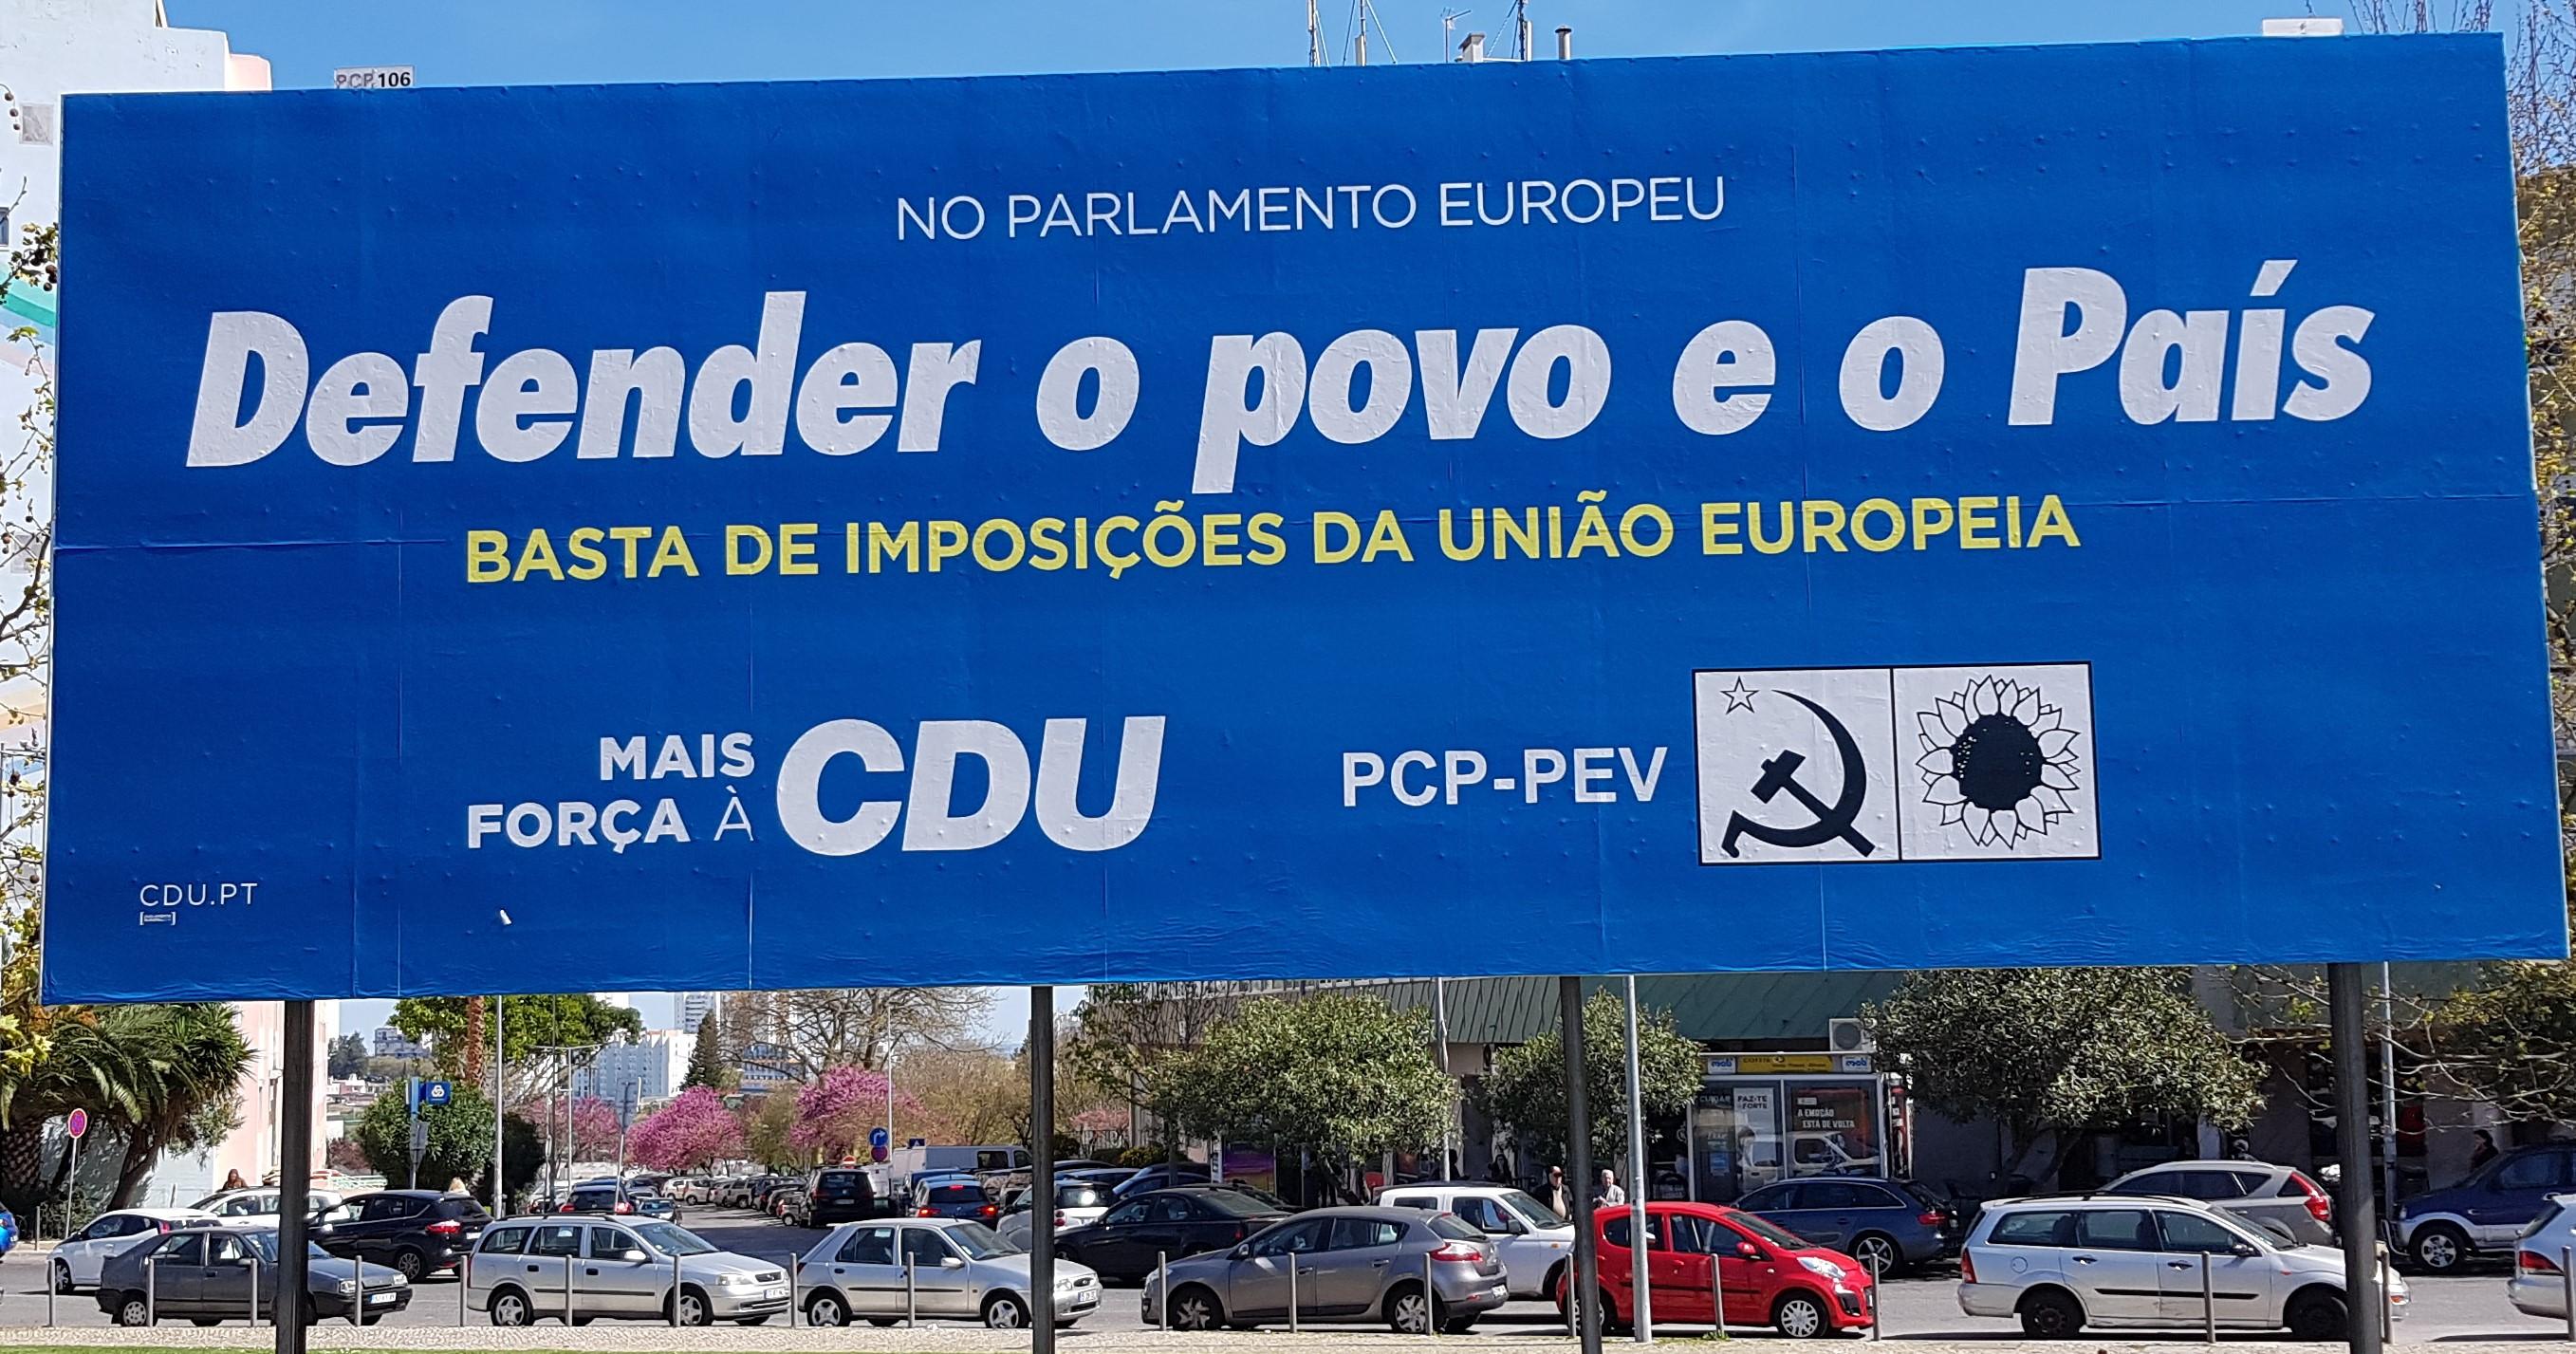 4a9d3c37dfe ELEIÇÕES PARA O PARLAMENTO EUROPEU – 2019 – CDU – EPHEMERA ...